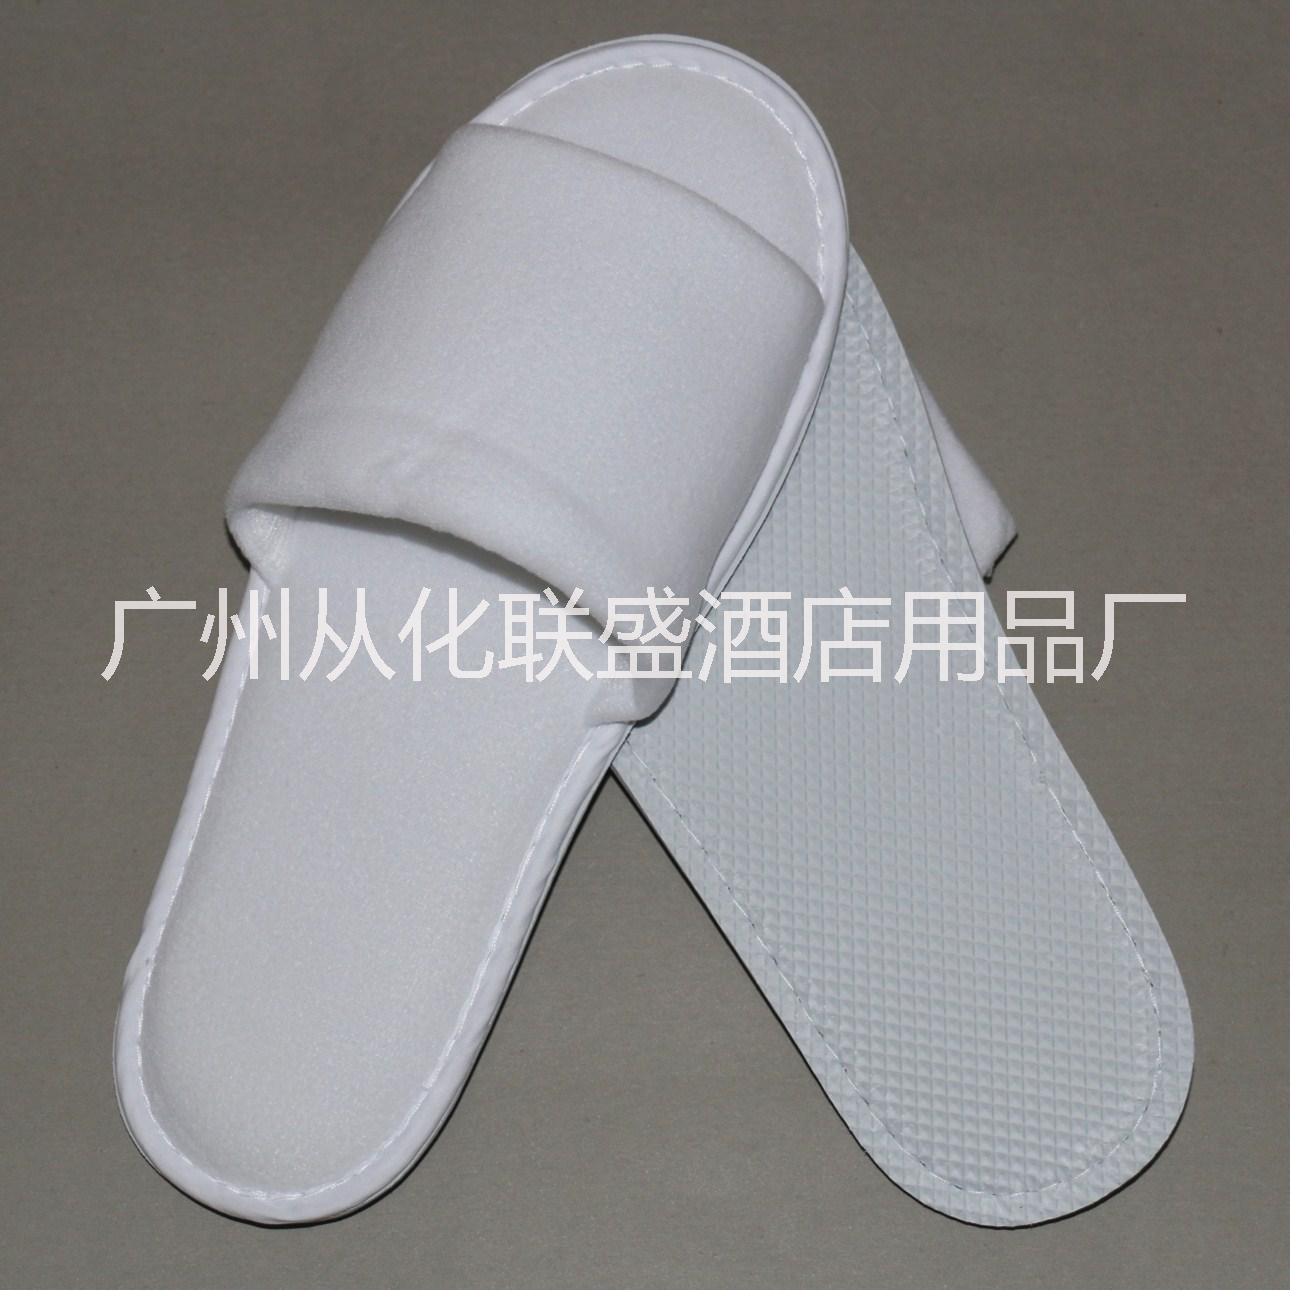 高档一次性丝绒拖鞋 酒店宾馆专用白色一次性拖鞋 高档非一次性丝绒拖鞋